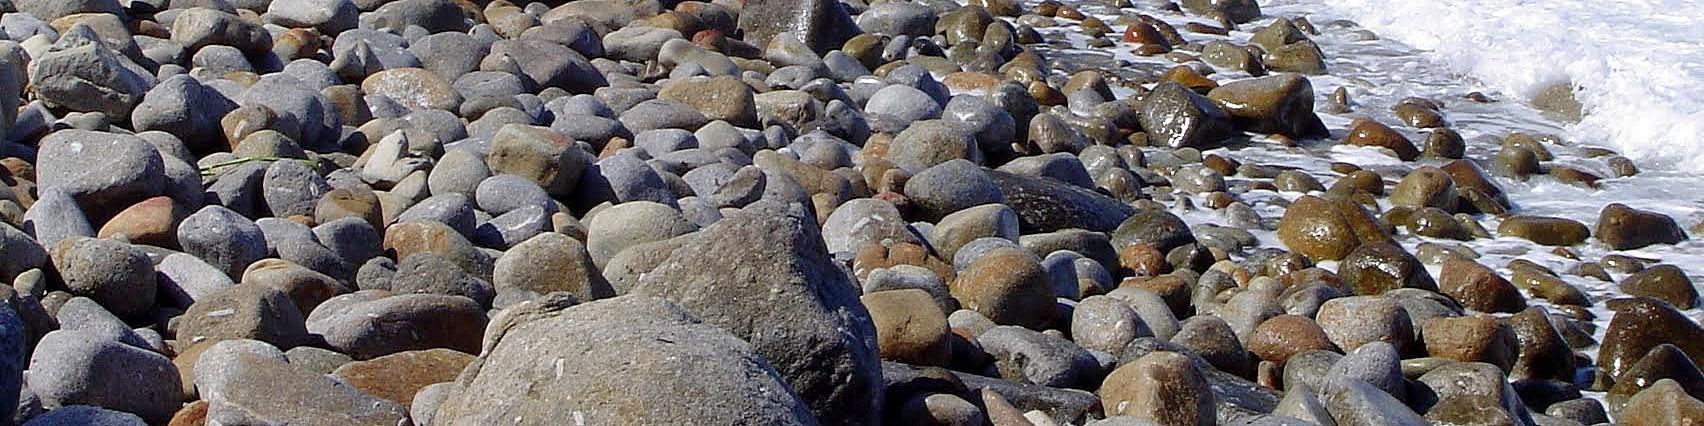 Patresi, kamenitá pláž je zde tvořena oblázky a valouny